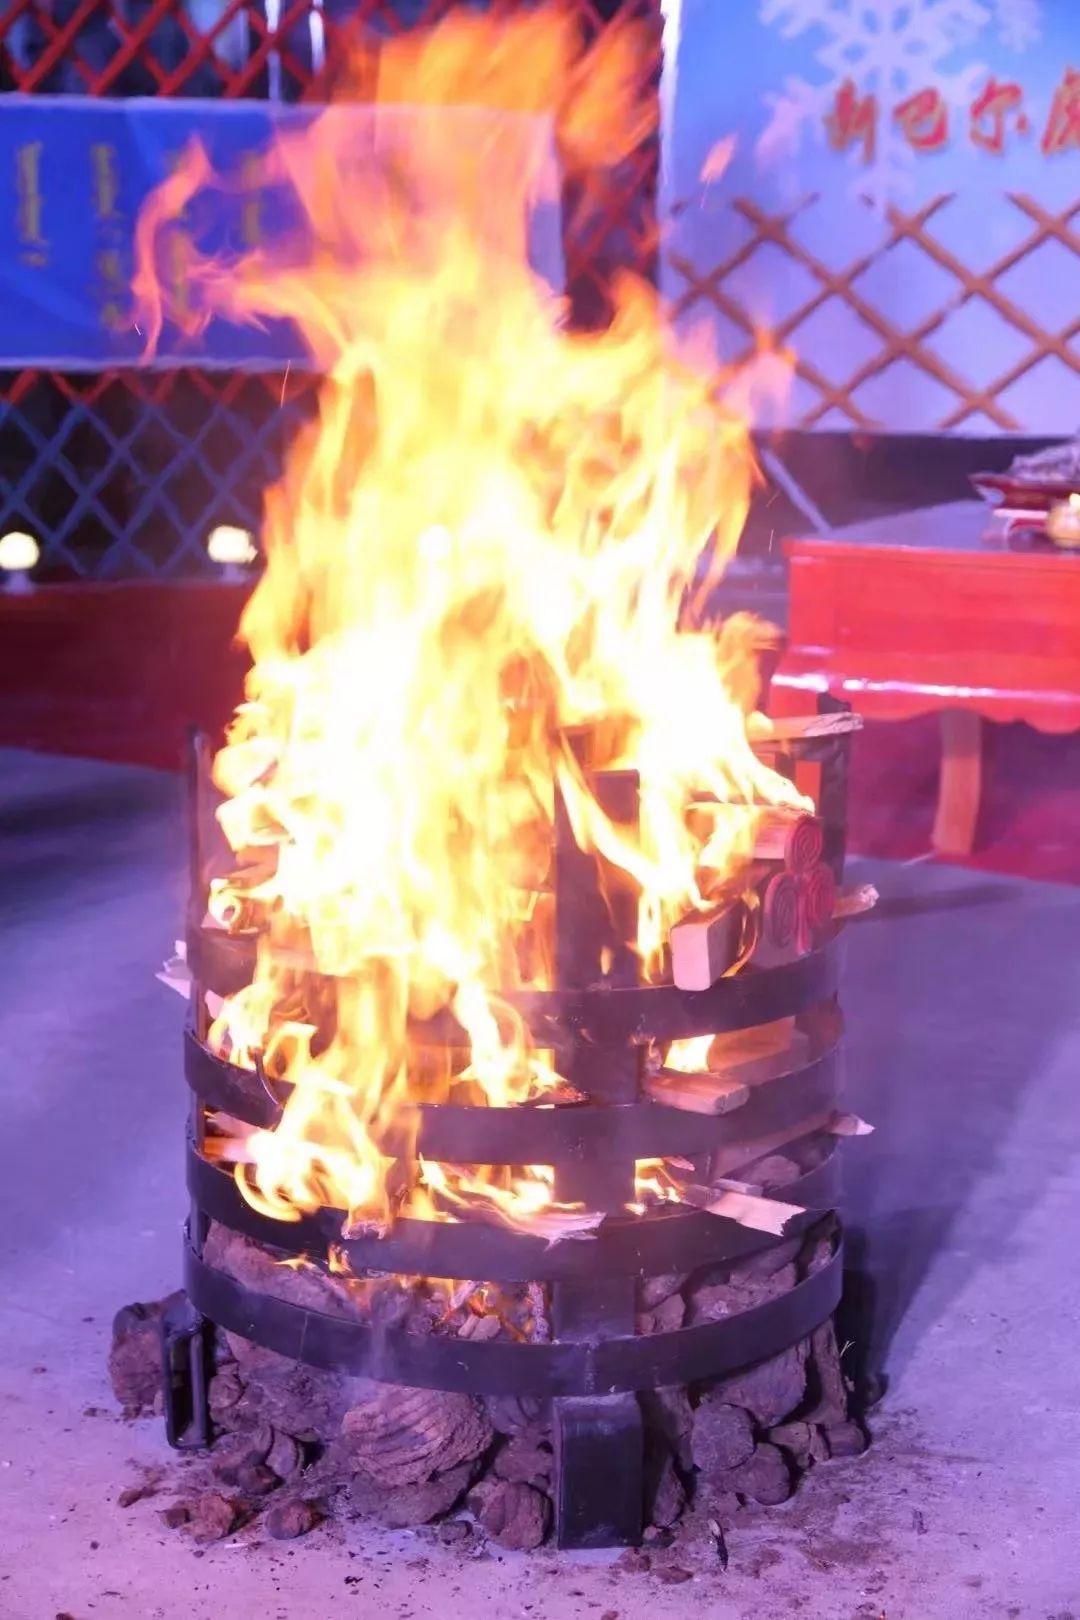 巴尔虎蒙古族祭火习俗(Mongol) 第1张 巴尔虎蒙古族祭火习俗(Mongol) 蒙古文化